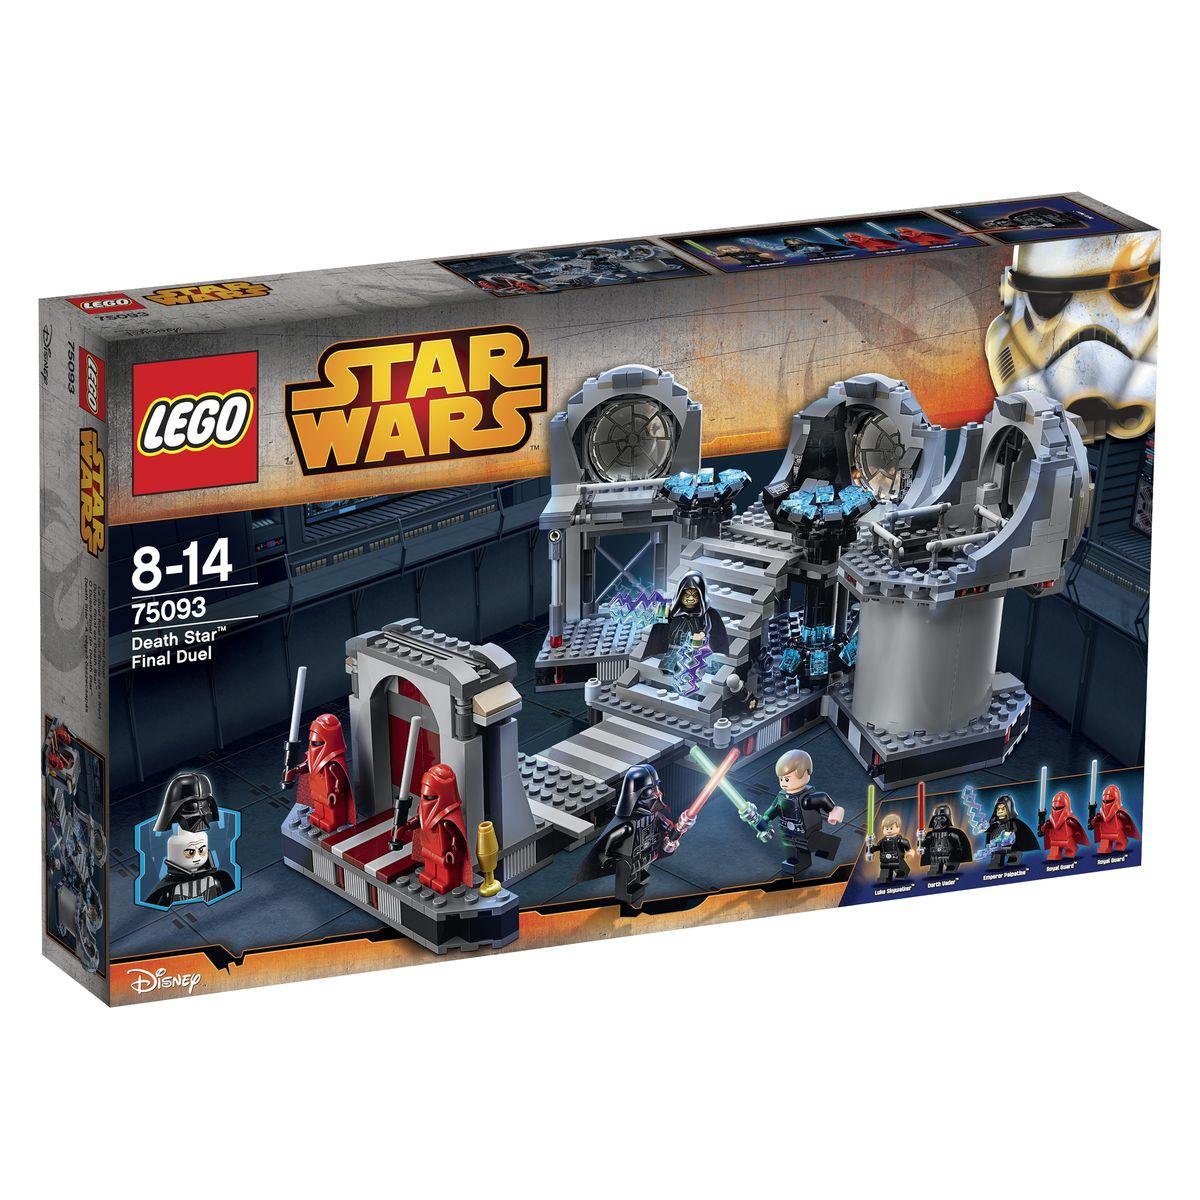 LEGO Star Wars Конструктор Звезда Смерти Последняя схватка 7509375093Схватка на «Звезде Смерти II» - это последняя дуэль на световых мечах, произошедшая между Люком Скайуокером и Дартом Вейдером. В результате сражения был убит Император Палпатин и смертельно ранен сам Дарт Вейдер. Но, главным событием стало то, что перед гибелью могущественный Лорд ситов смог почувствовать в себе частичку добра и вернуться на Светлую сторону Силы, а его сын Люк Скайуокер завершил свое обучение и стал рыцарем-джедаем. Из деталей набора Лего 75093 вы сможете построить тронный зал Императора Палпатина, расположенный на верхушке одной из башен второй Звезды Смерти. Охраной данного помещения занимаются Имперские гвардейцы, одетые в красную униформу и вооруженные силовыми пиками. Интерьер покоев выполнен в серых тонах, также как и остальные помещения Орбитальной боевой станции. Центральное место отведено высокой лестнице, ведущей к черному вращающемуся трону. Рядом с ним видны симметричные энергетические модули и большой выпуклый иллюминатор. Правое крыло зала,...